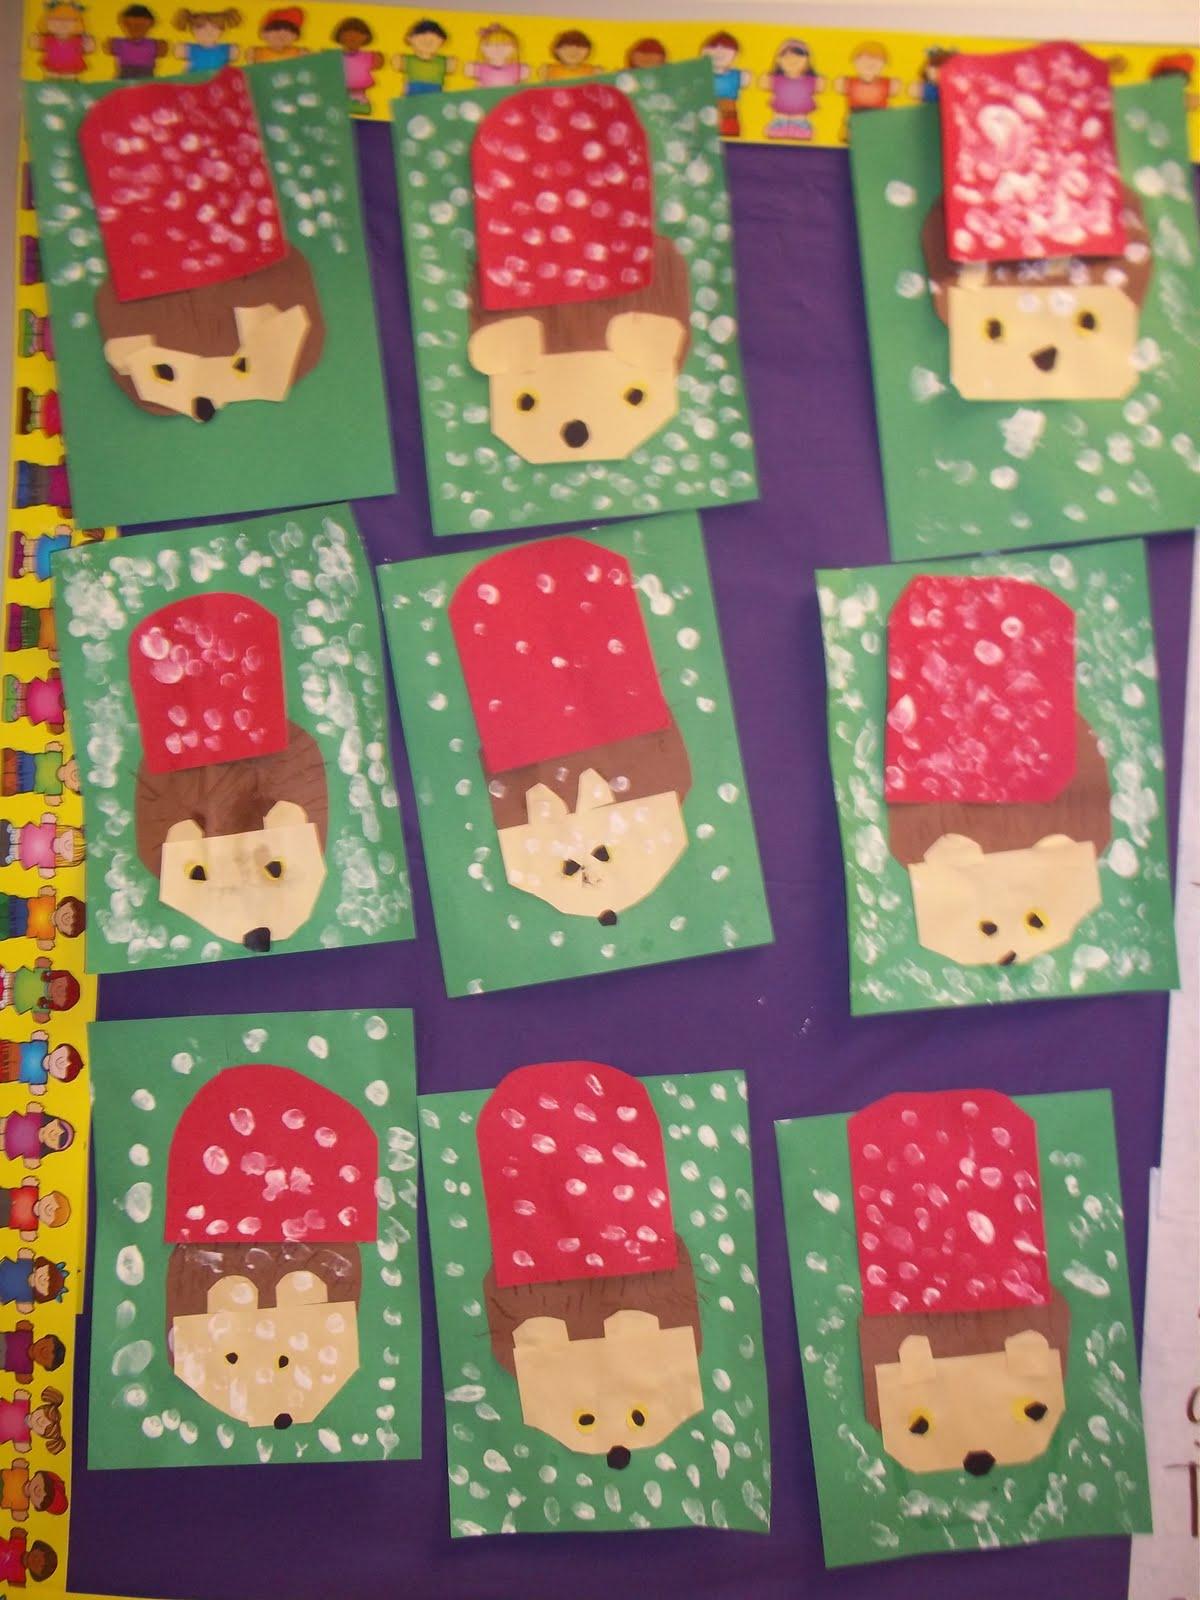 Kinder Garden: Mrs. Wood's Kindergarten Class: The Hat